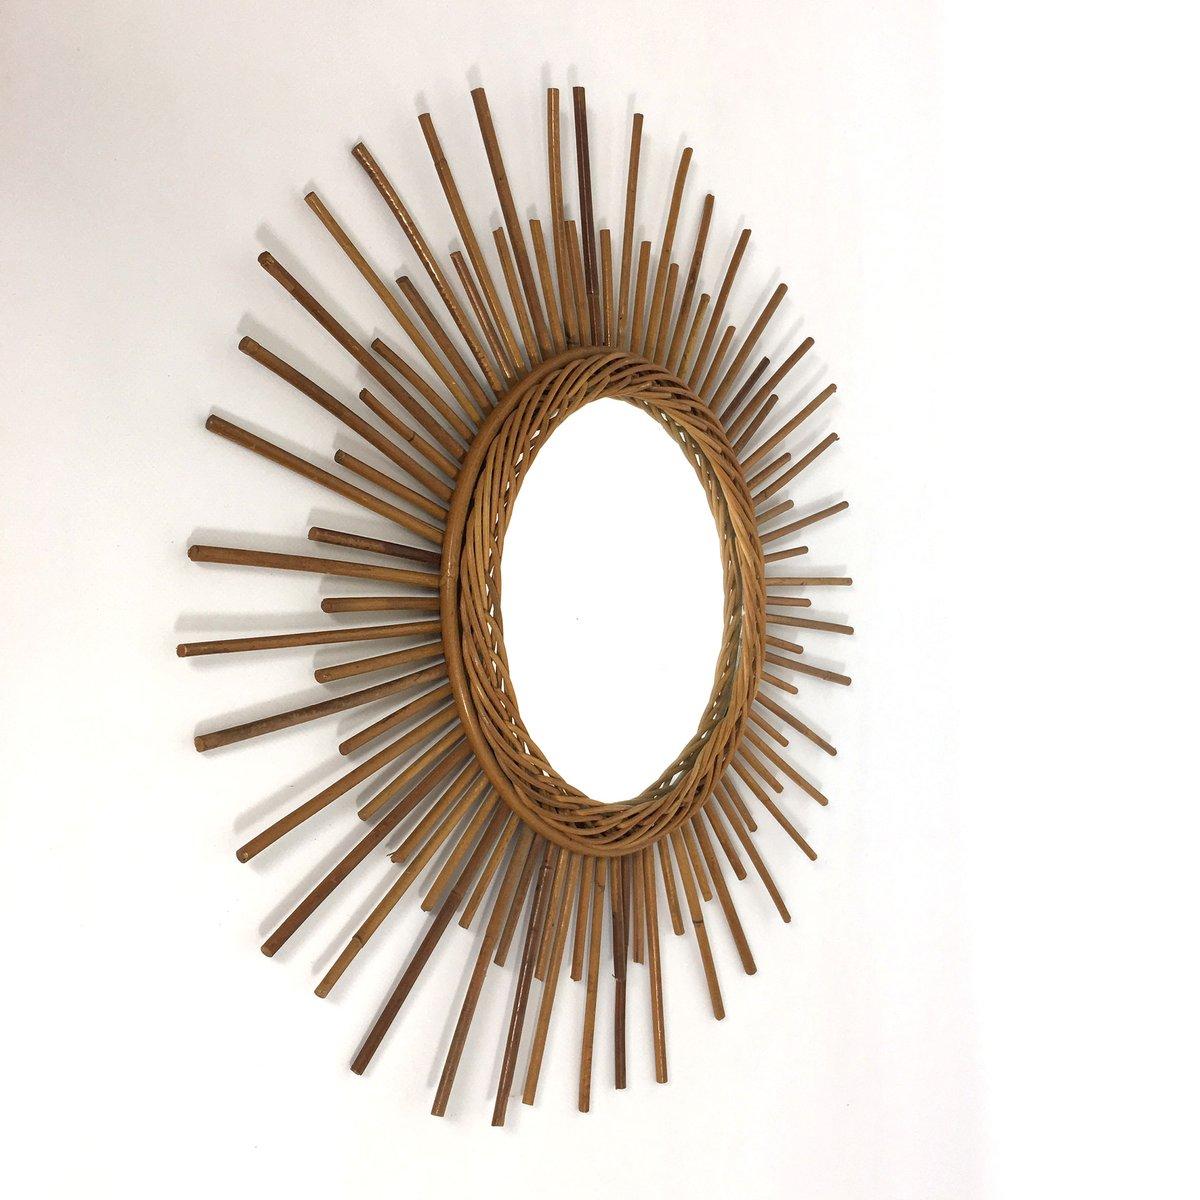 Espejo franc s con forma de sol a os 60 en venta en pamono for Espejos decorativos con forma de sol